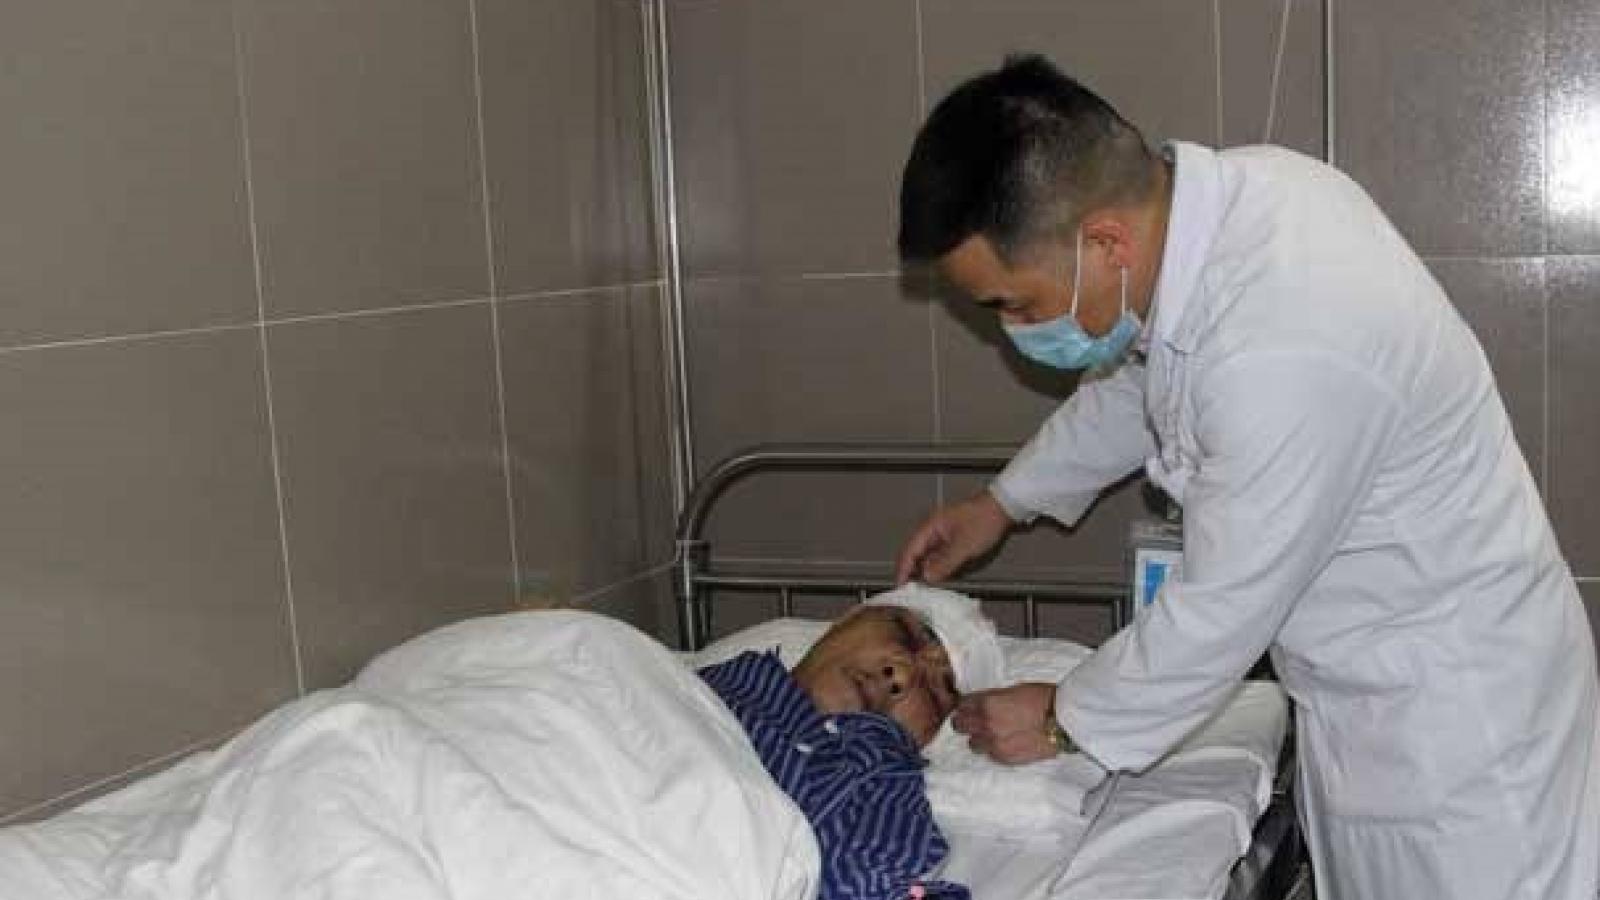 Tiếp tục truy bắt đối tượng cầm dao chém 4 người trọng thương ở Lạng Sơn